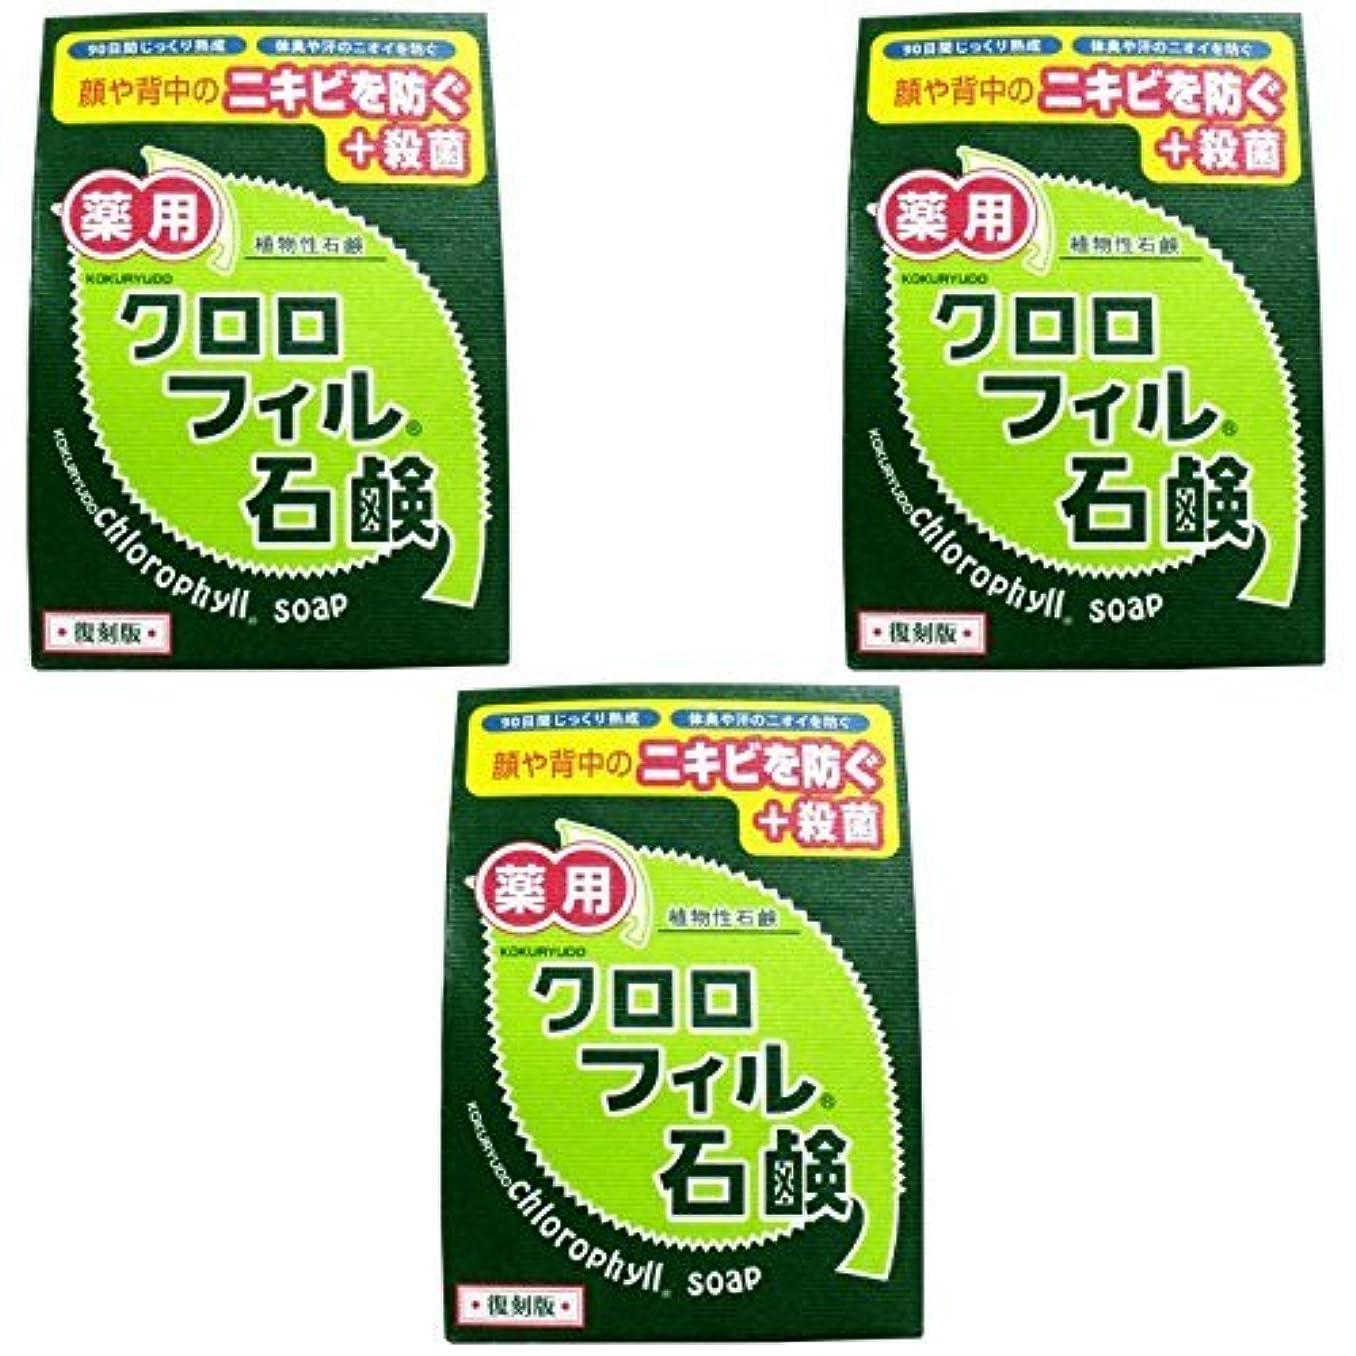 トンネルカヌークリケット【まとめ買い】クロロフィル石鹸 復刻版 85g (医薬部外品)【×3個】